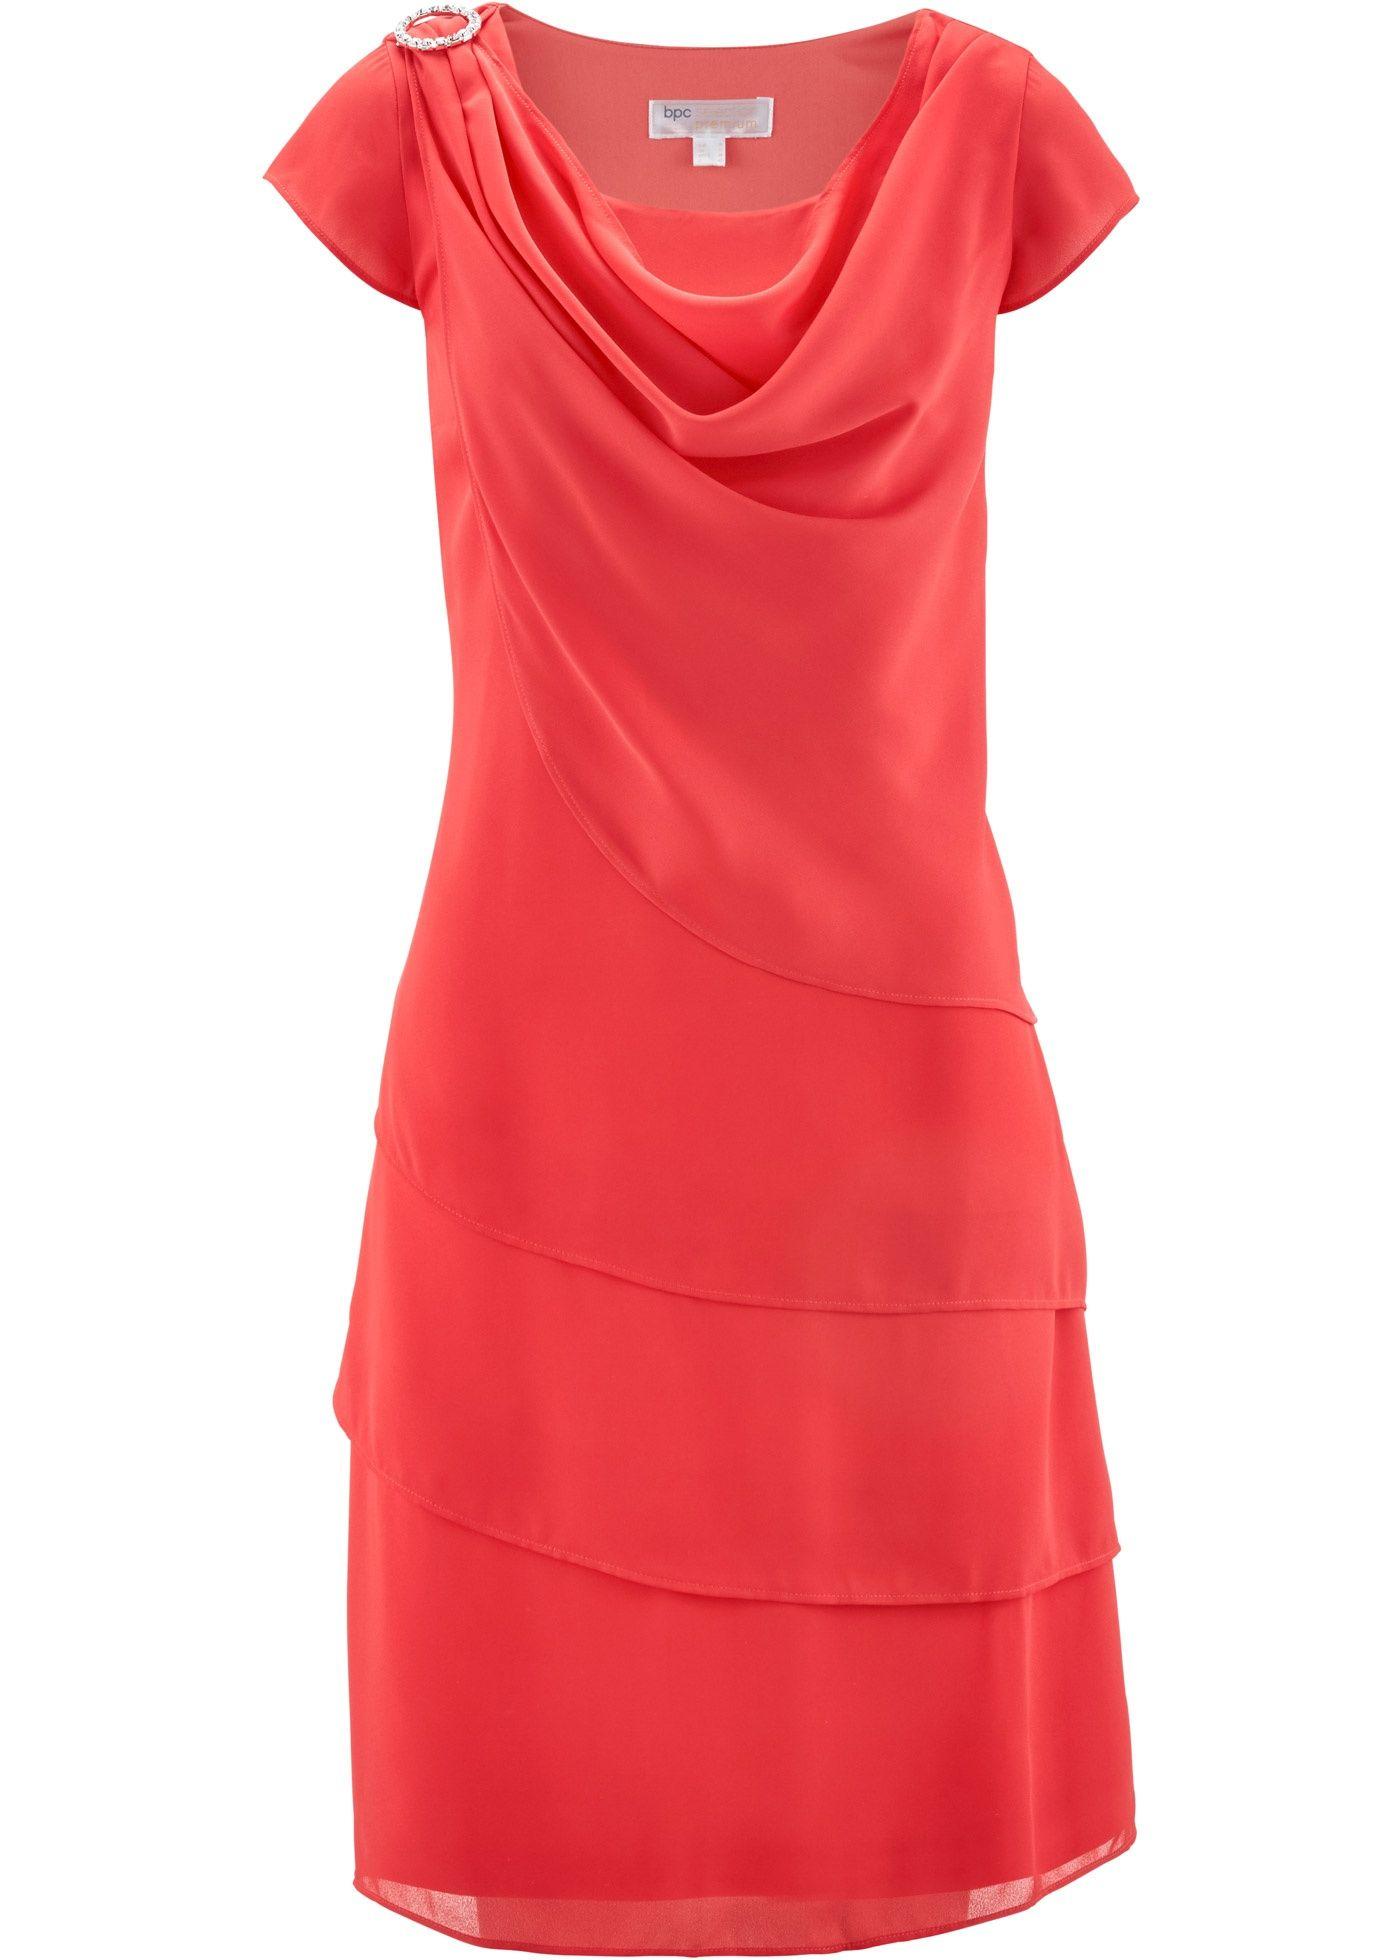 Chiffon kleid figurumspielend | Trendige Kleider für die ...